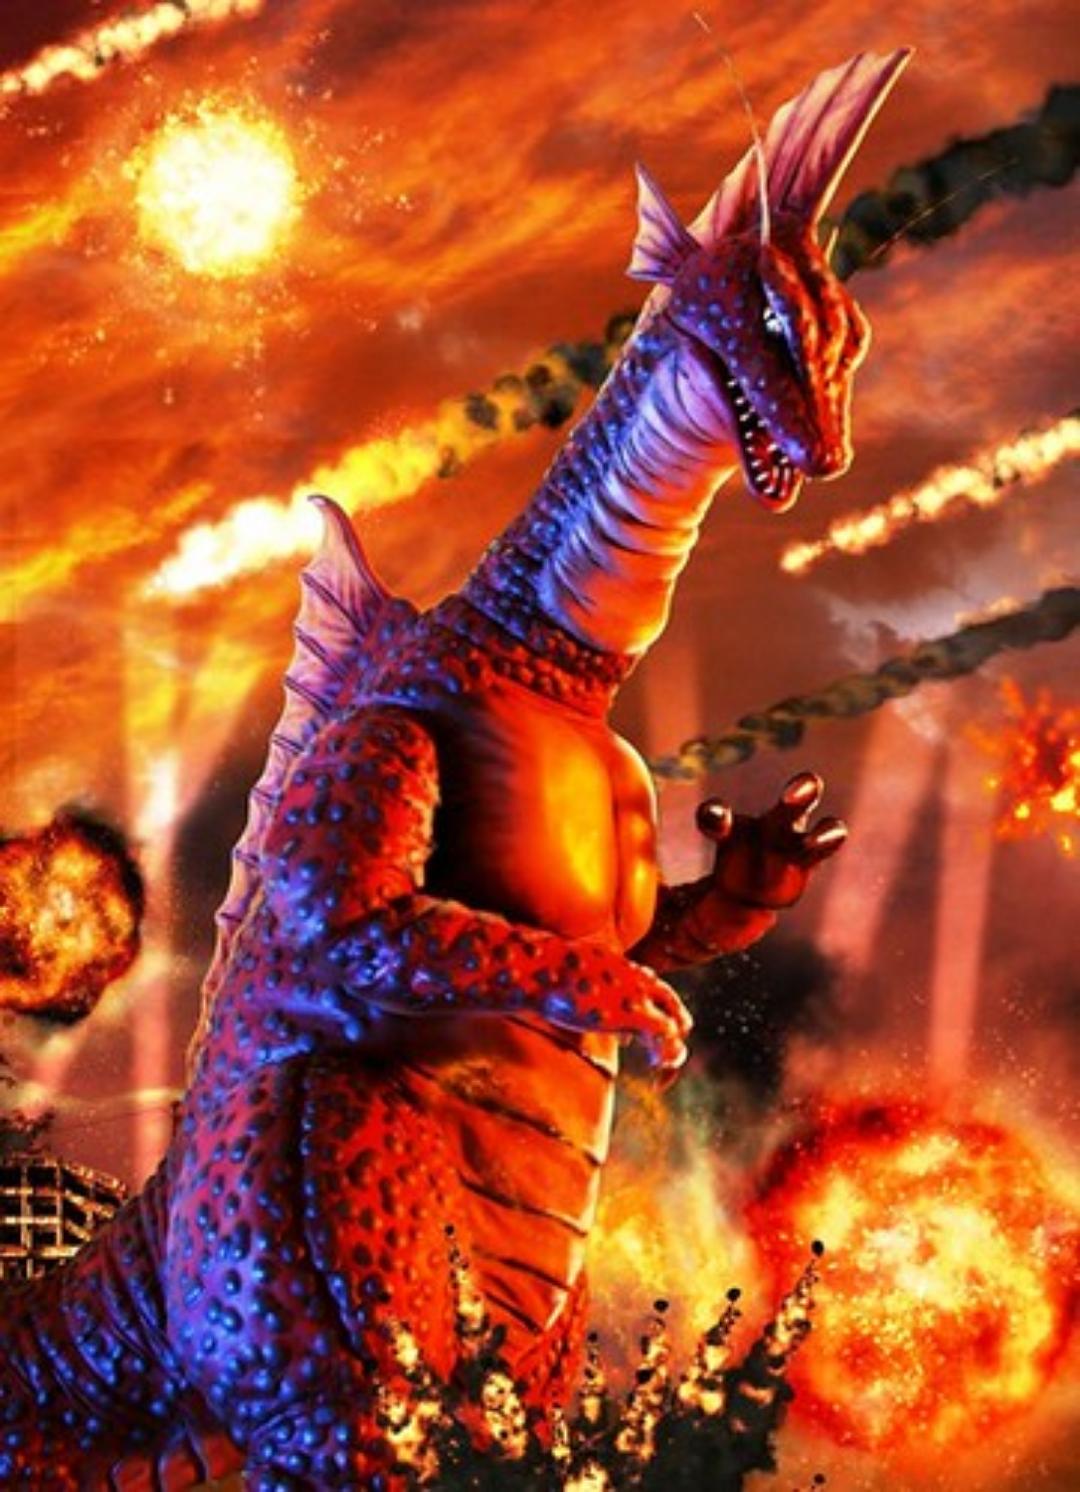 Der Kaiju der Woche ist Titanosaurus